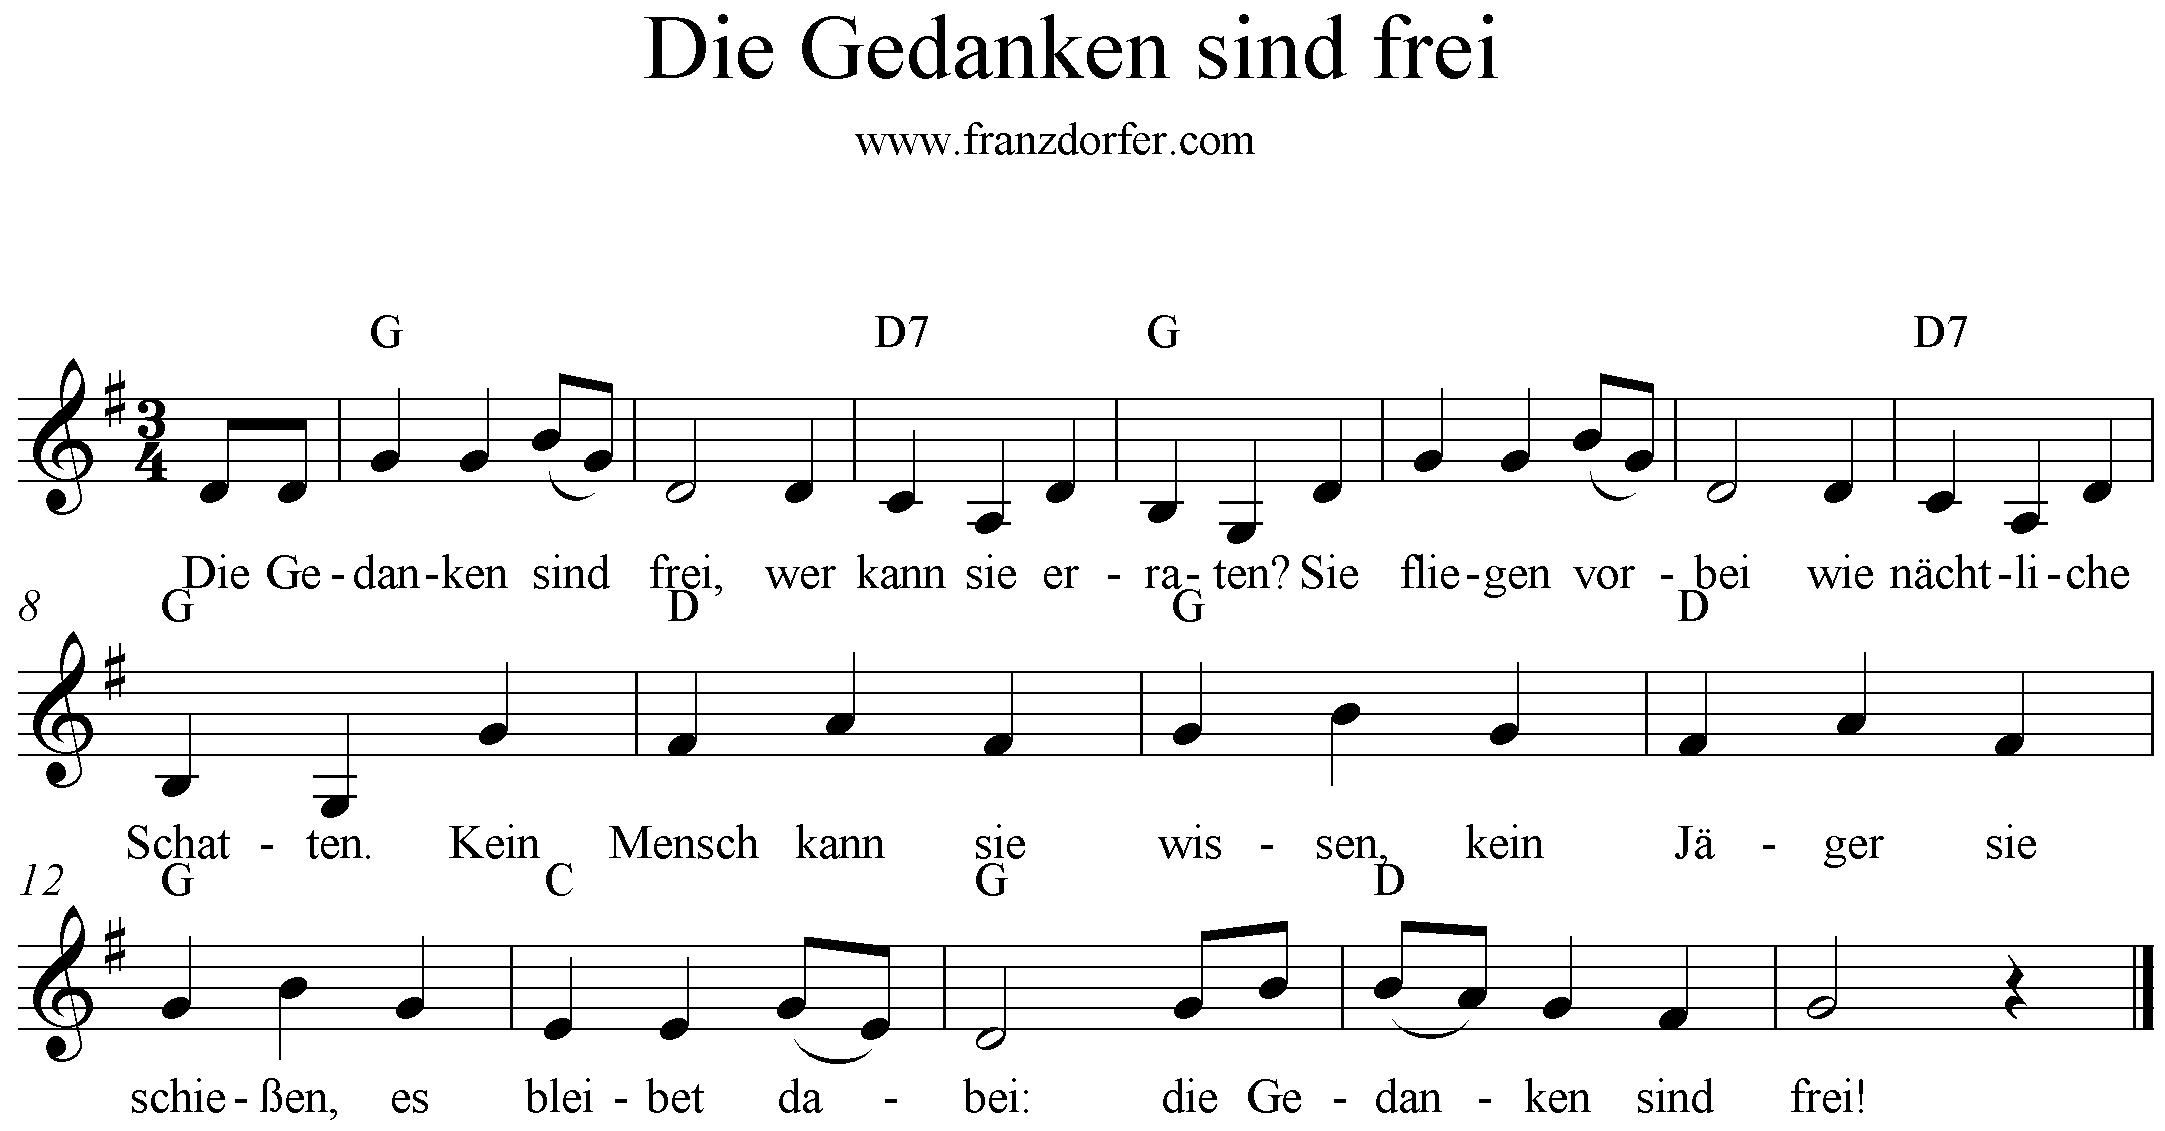 Die gedanken sind frei songtext